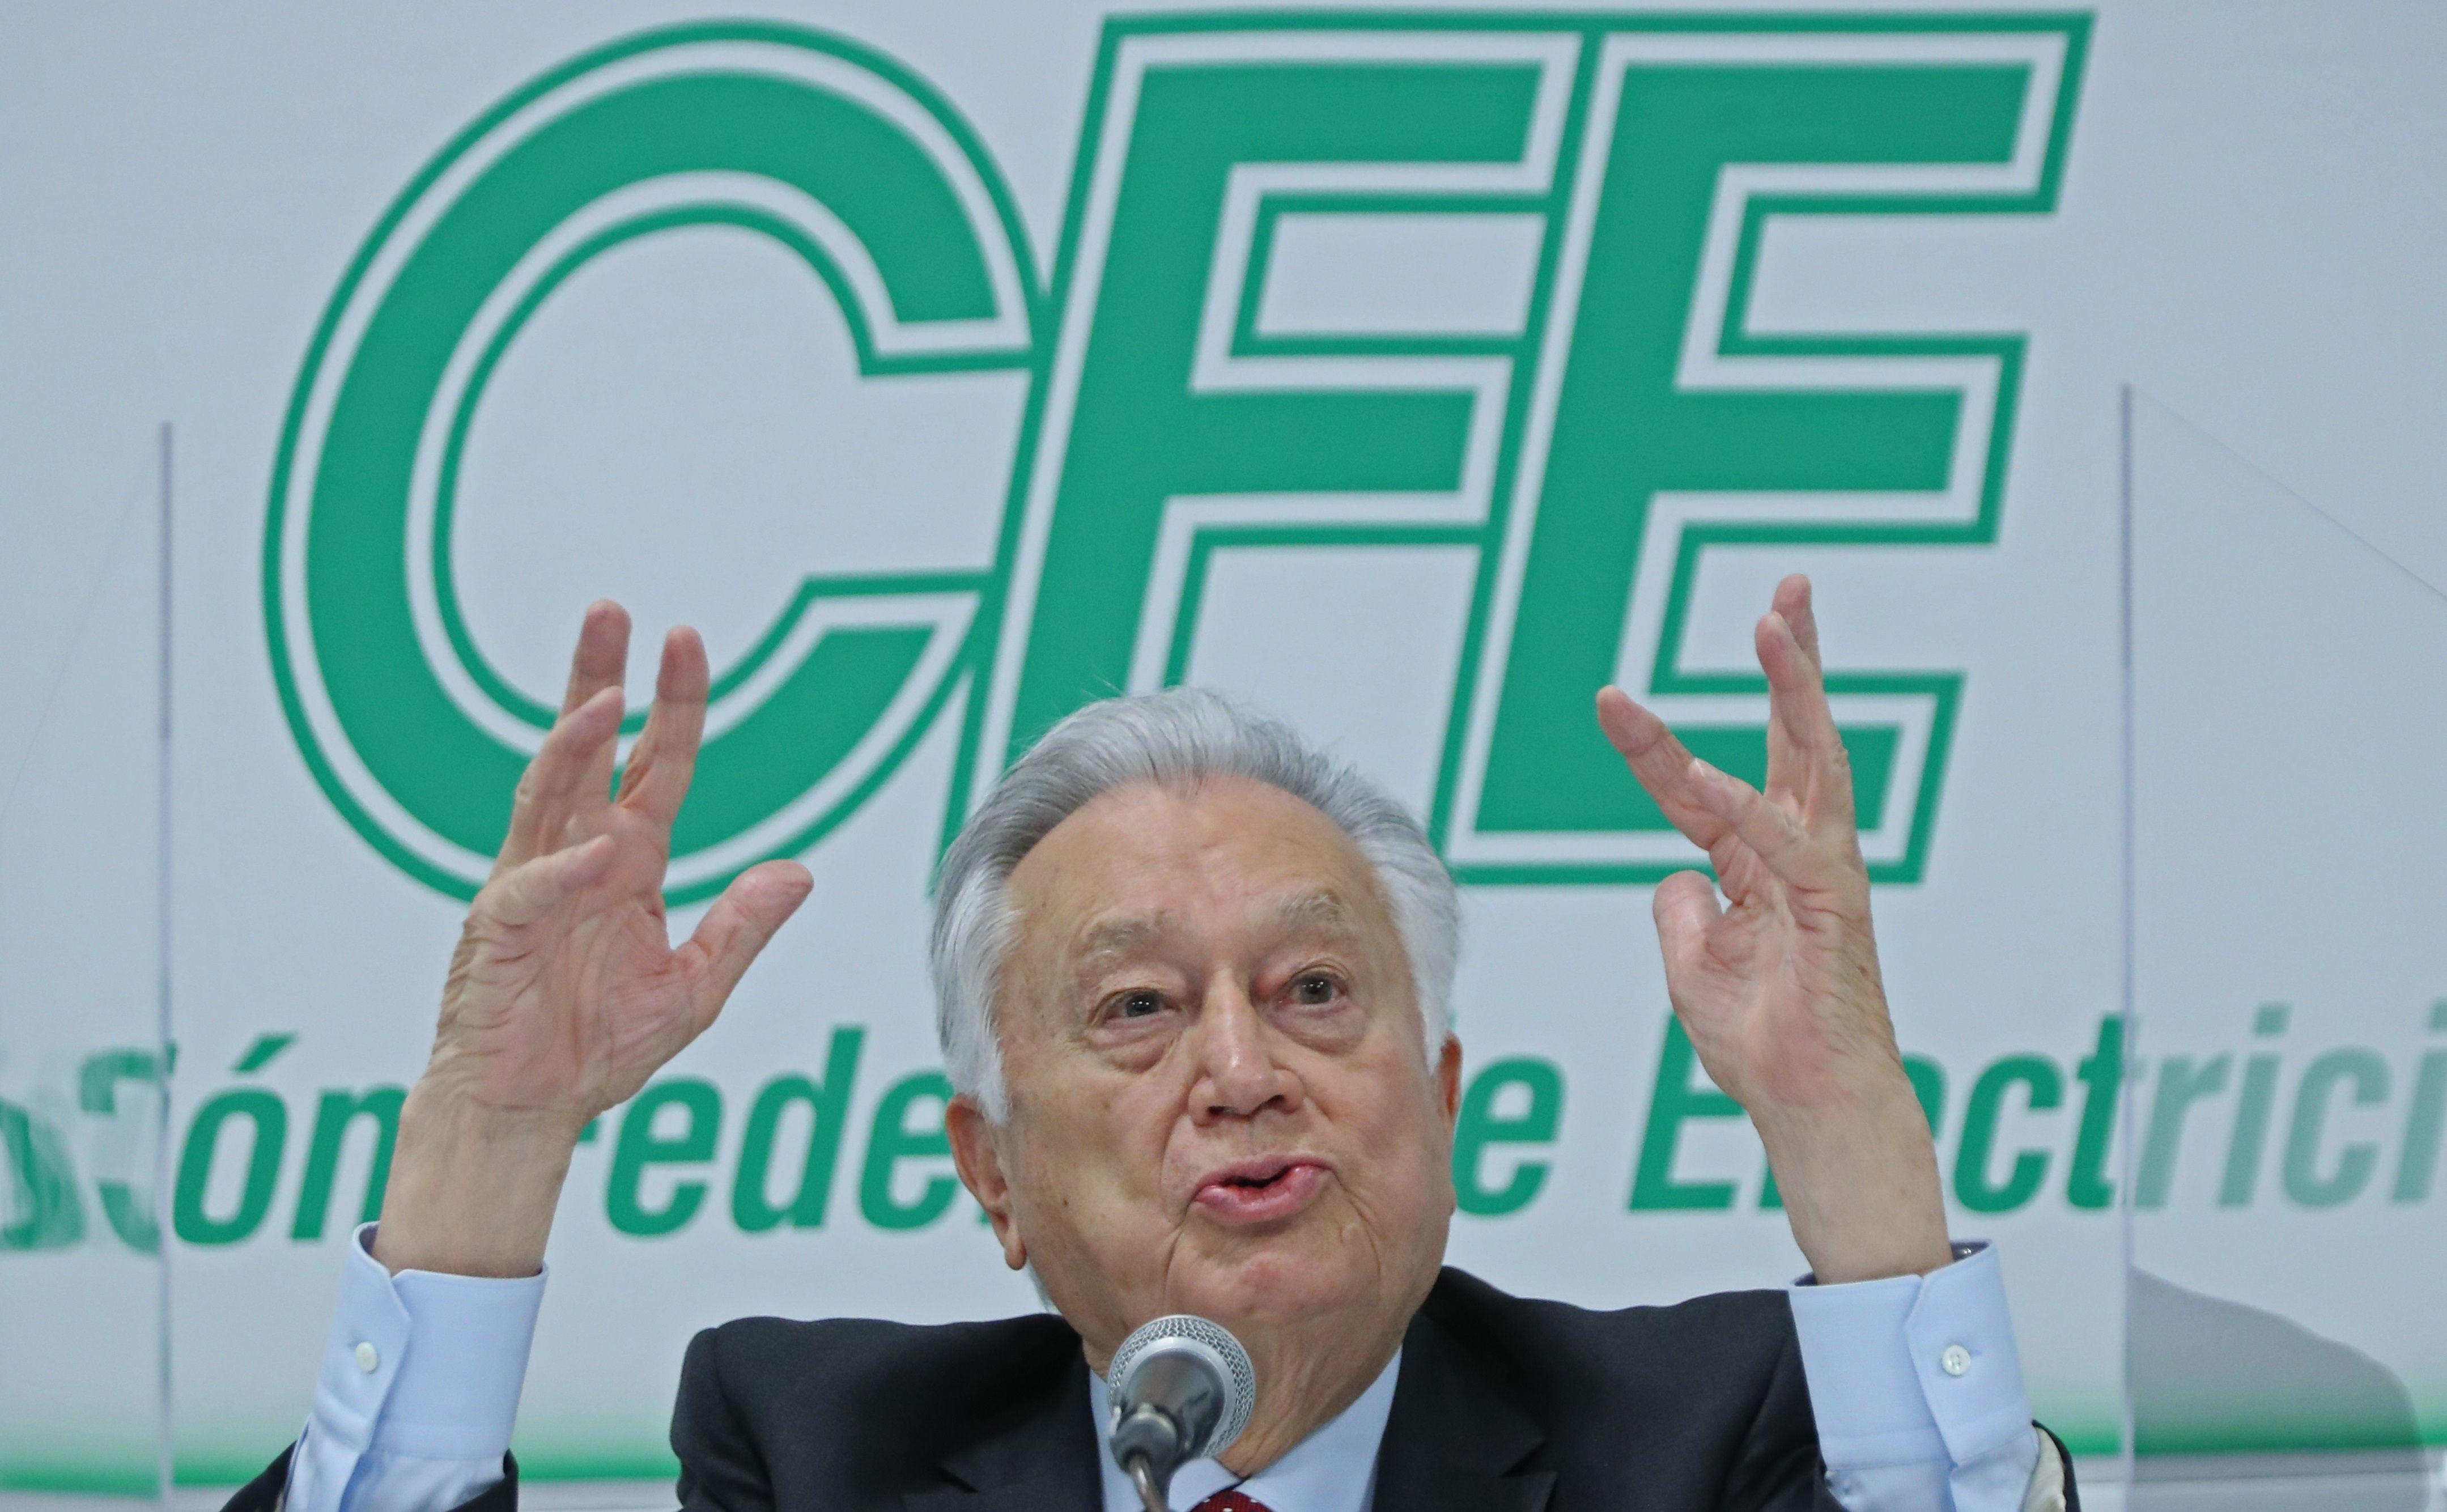 La reforma eléctrica ha sido sumamente criticado por la oposición (Foto: EFE/Mario Guzmán)